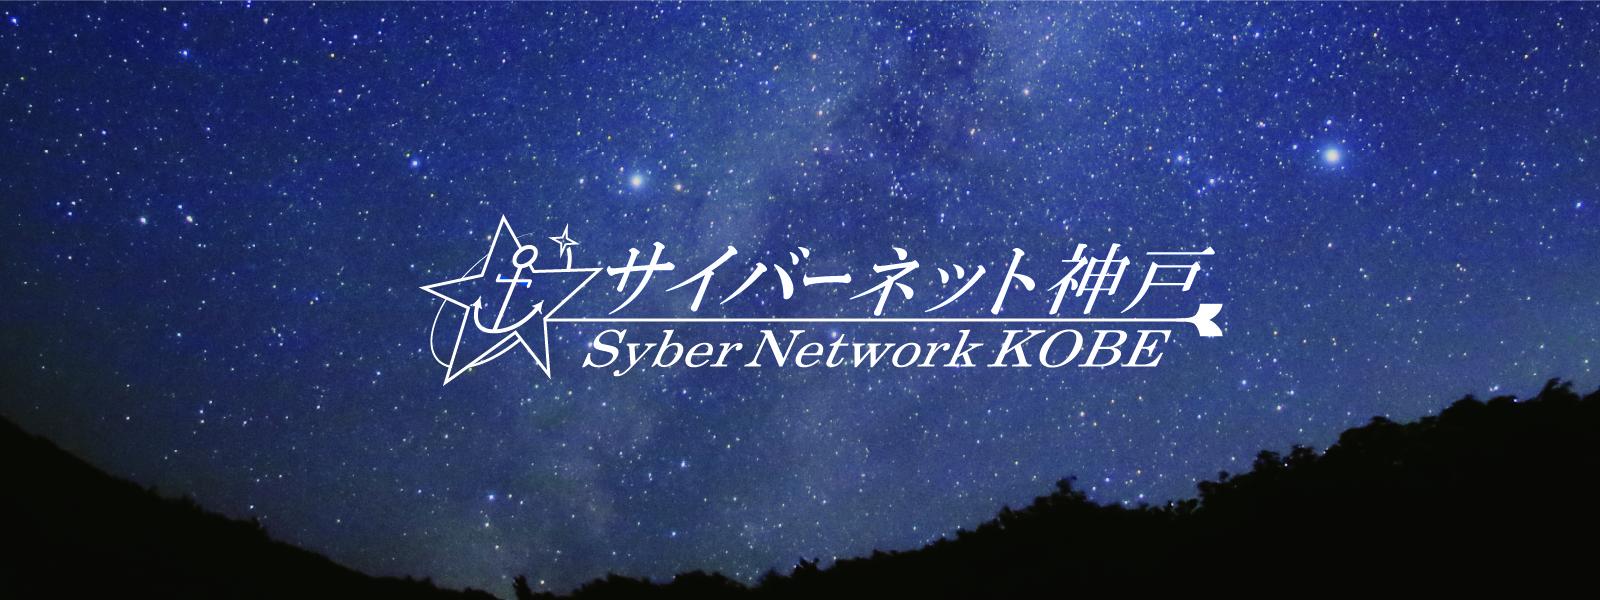 サイバーネット神戸 ロゴ スライド